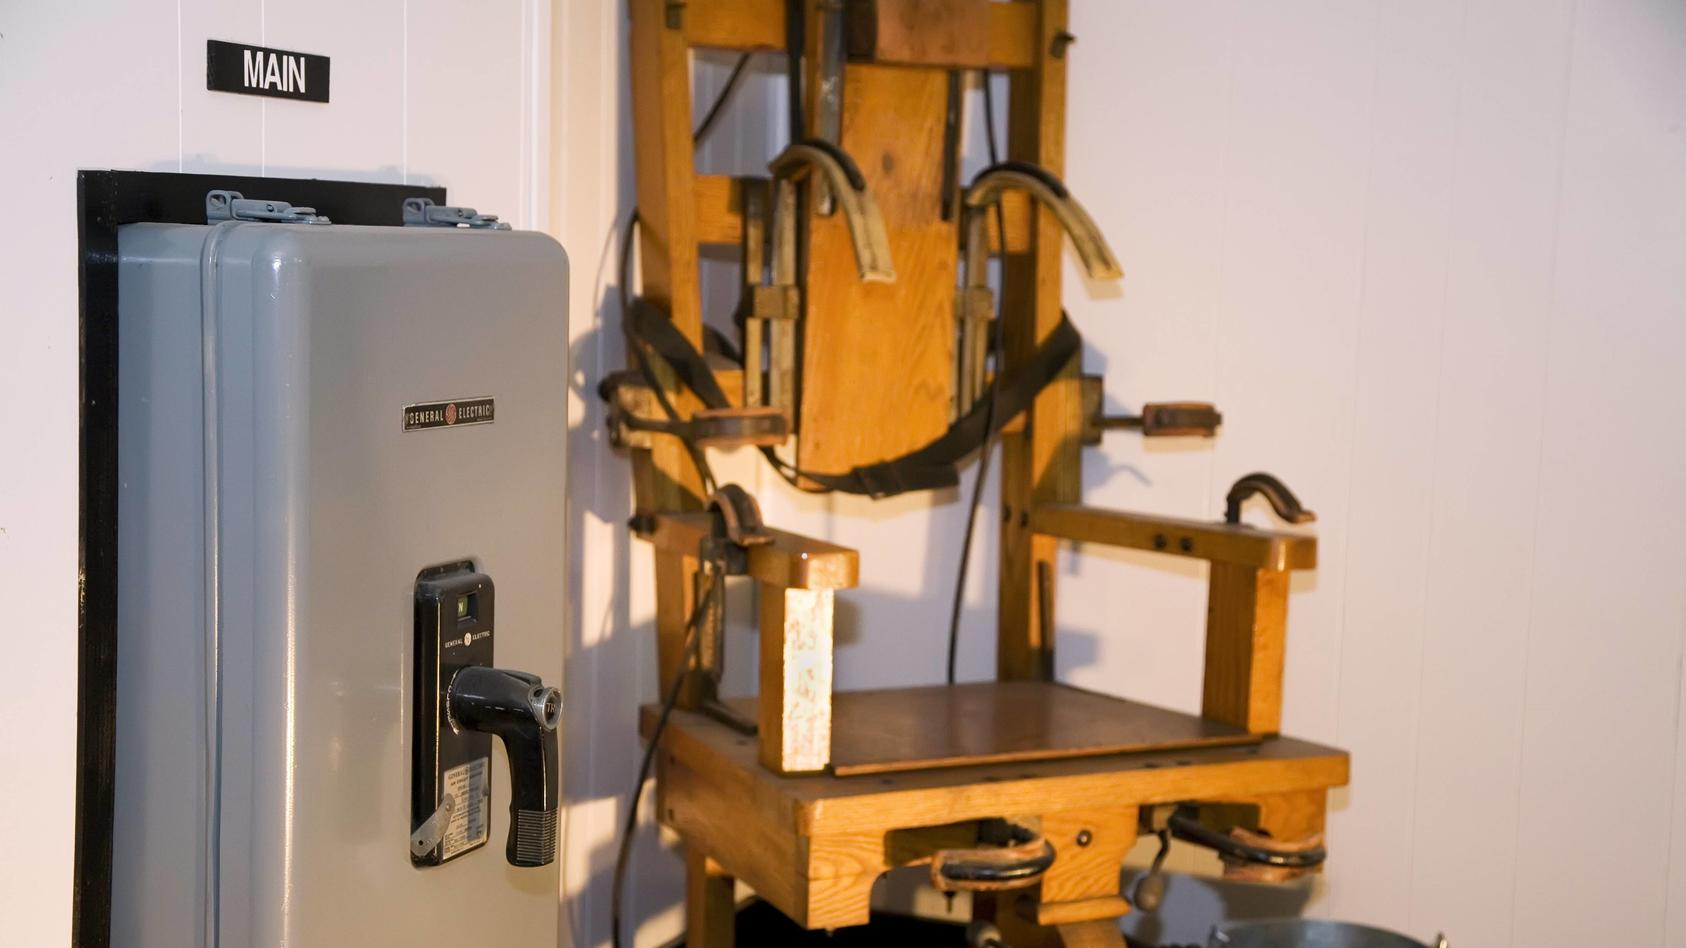 Elektrischer Stuhl im ehemaligen Gefängnis West Virginia Penitentiary in Moundsville (iblwes01056813)